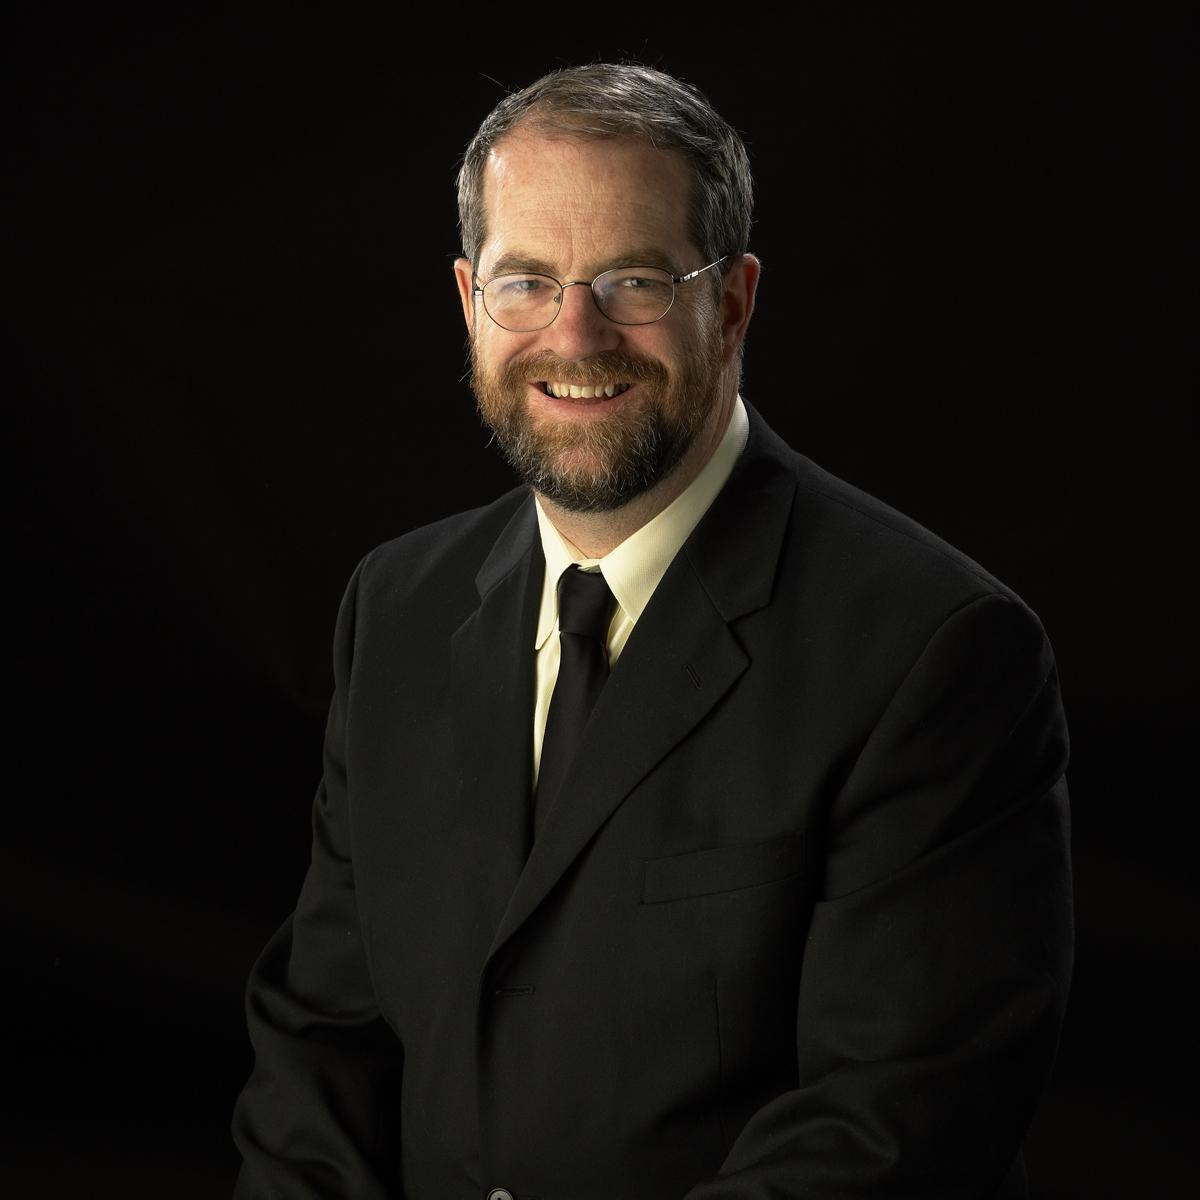 Rev. John N. Marsh